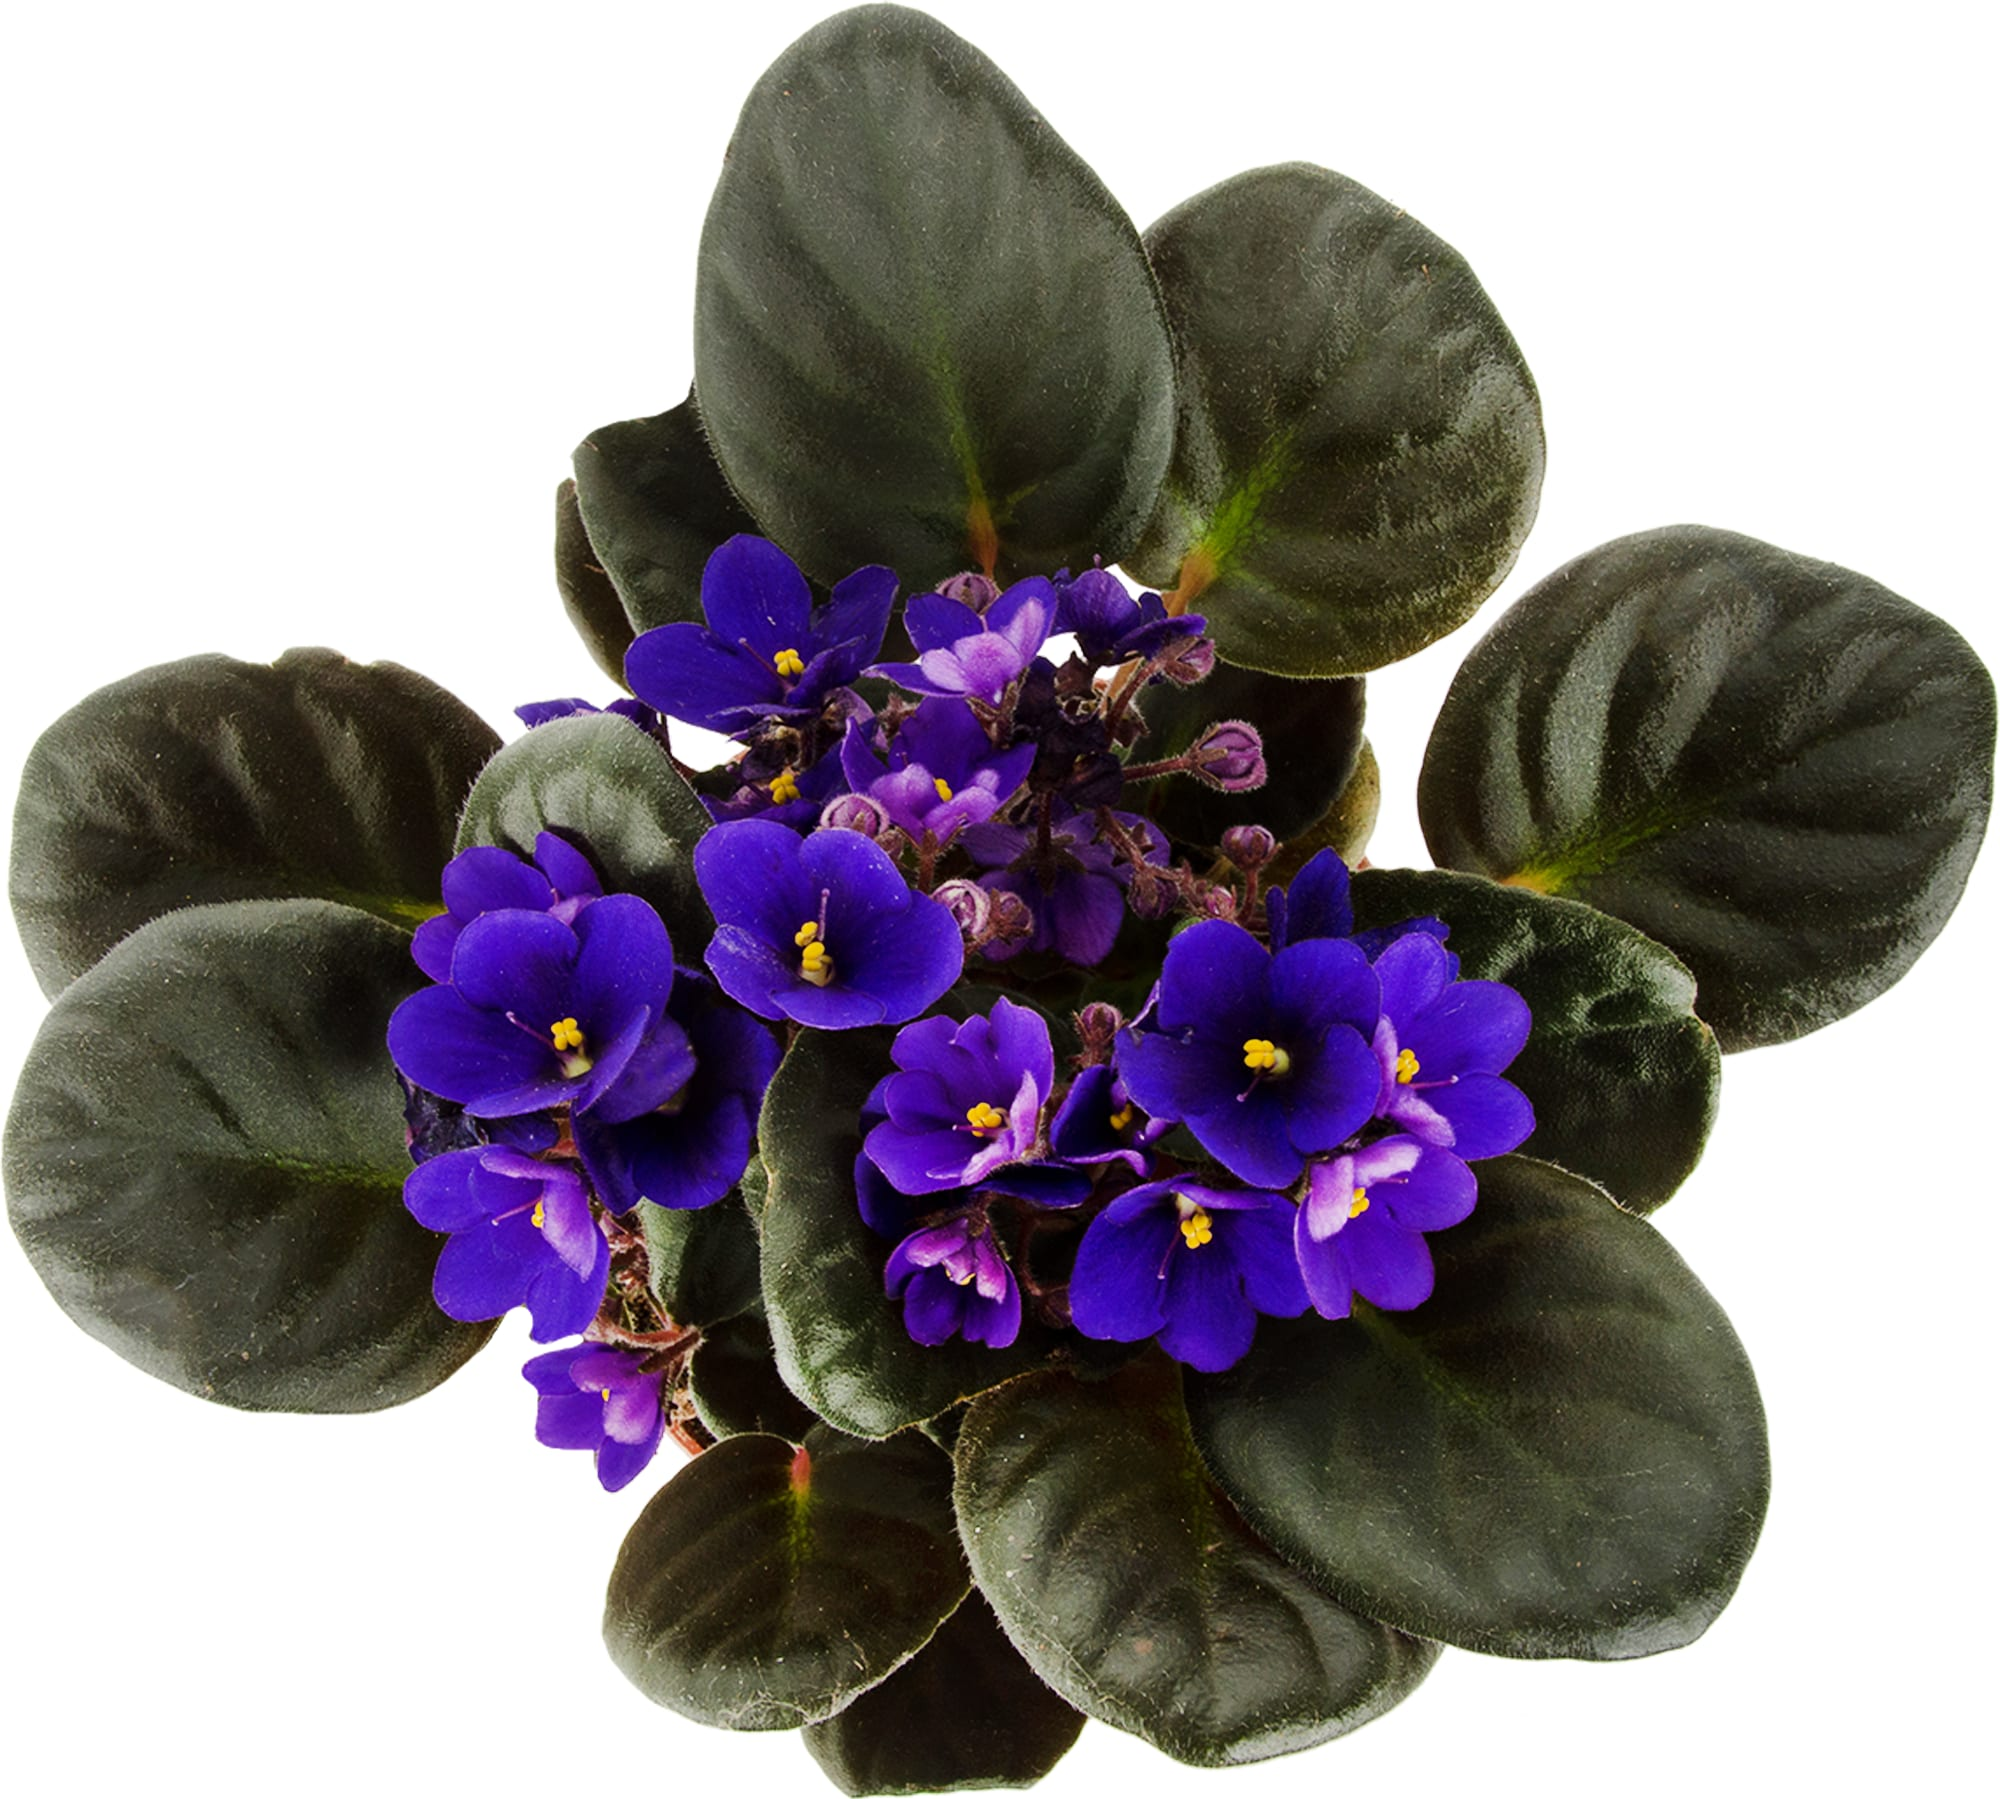 Gėlė sanpaulija